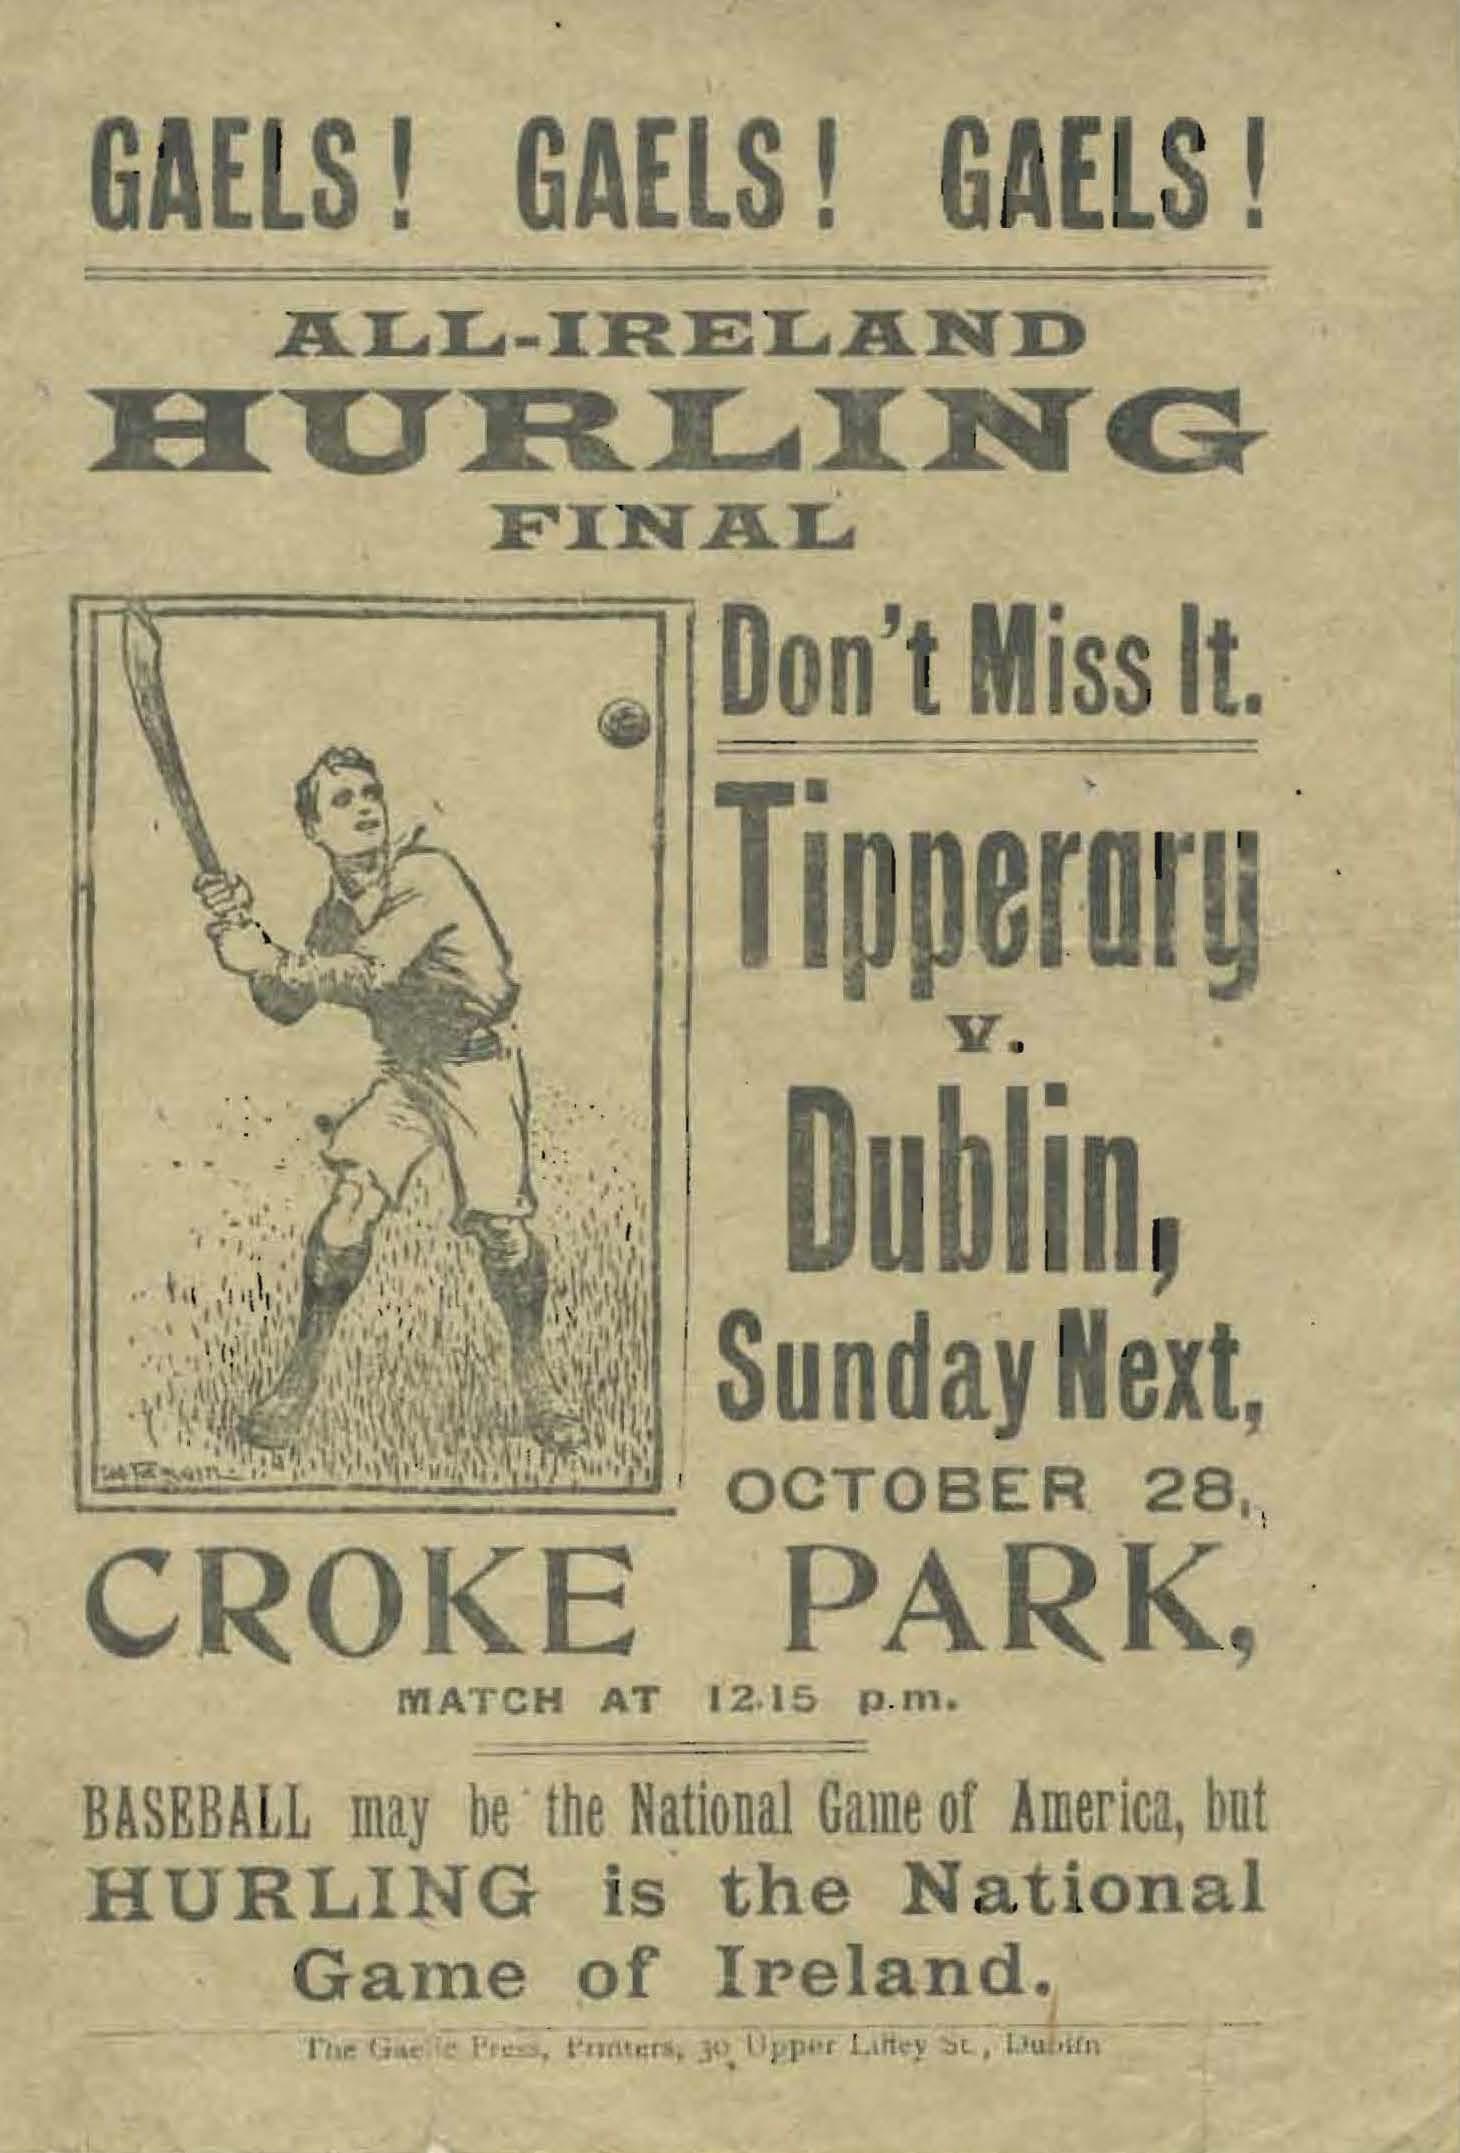 1917 Hurling All-Ireland Final Flyer